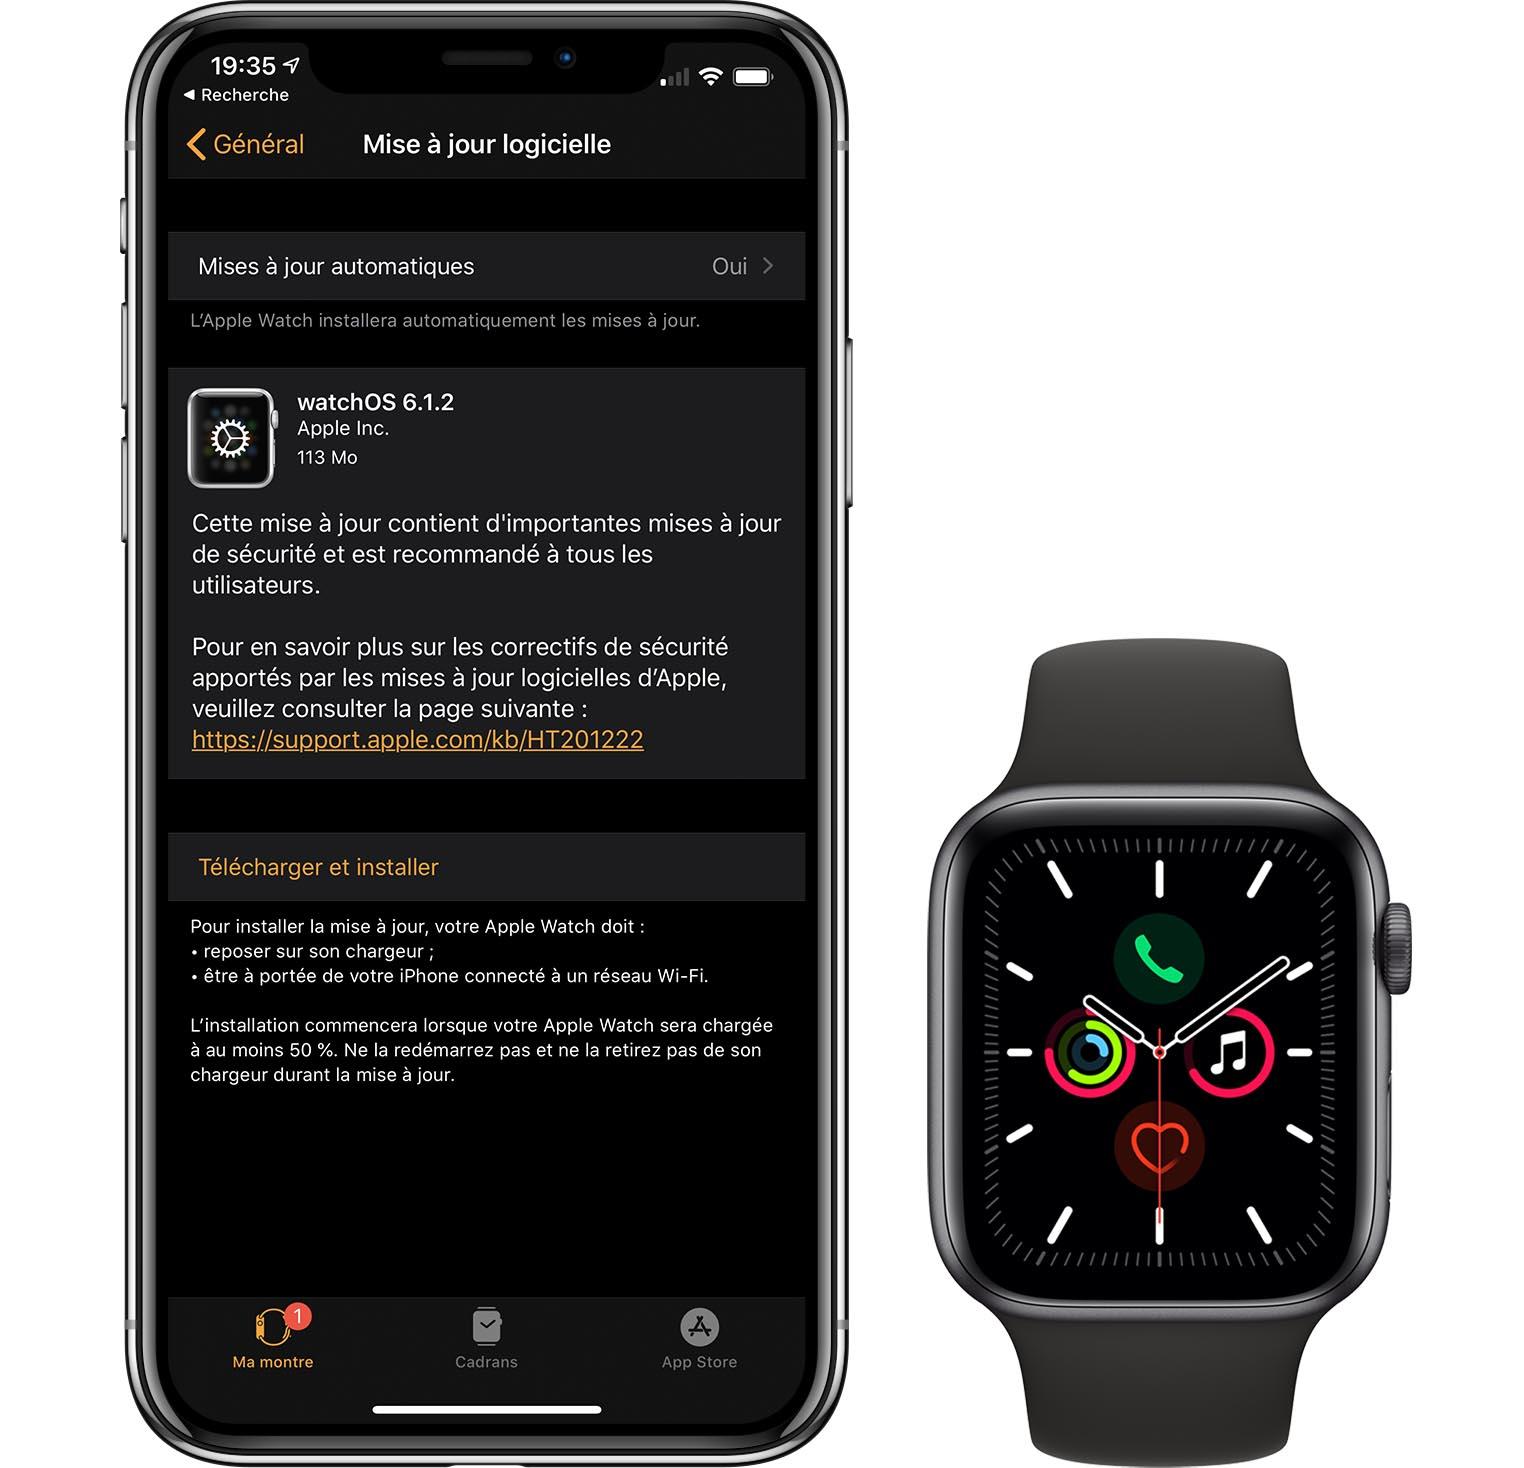 watchOS 6.1.2